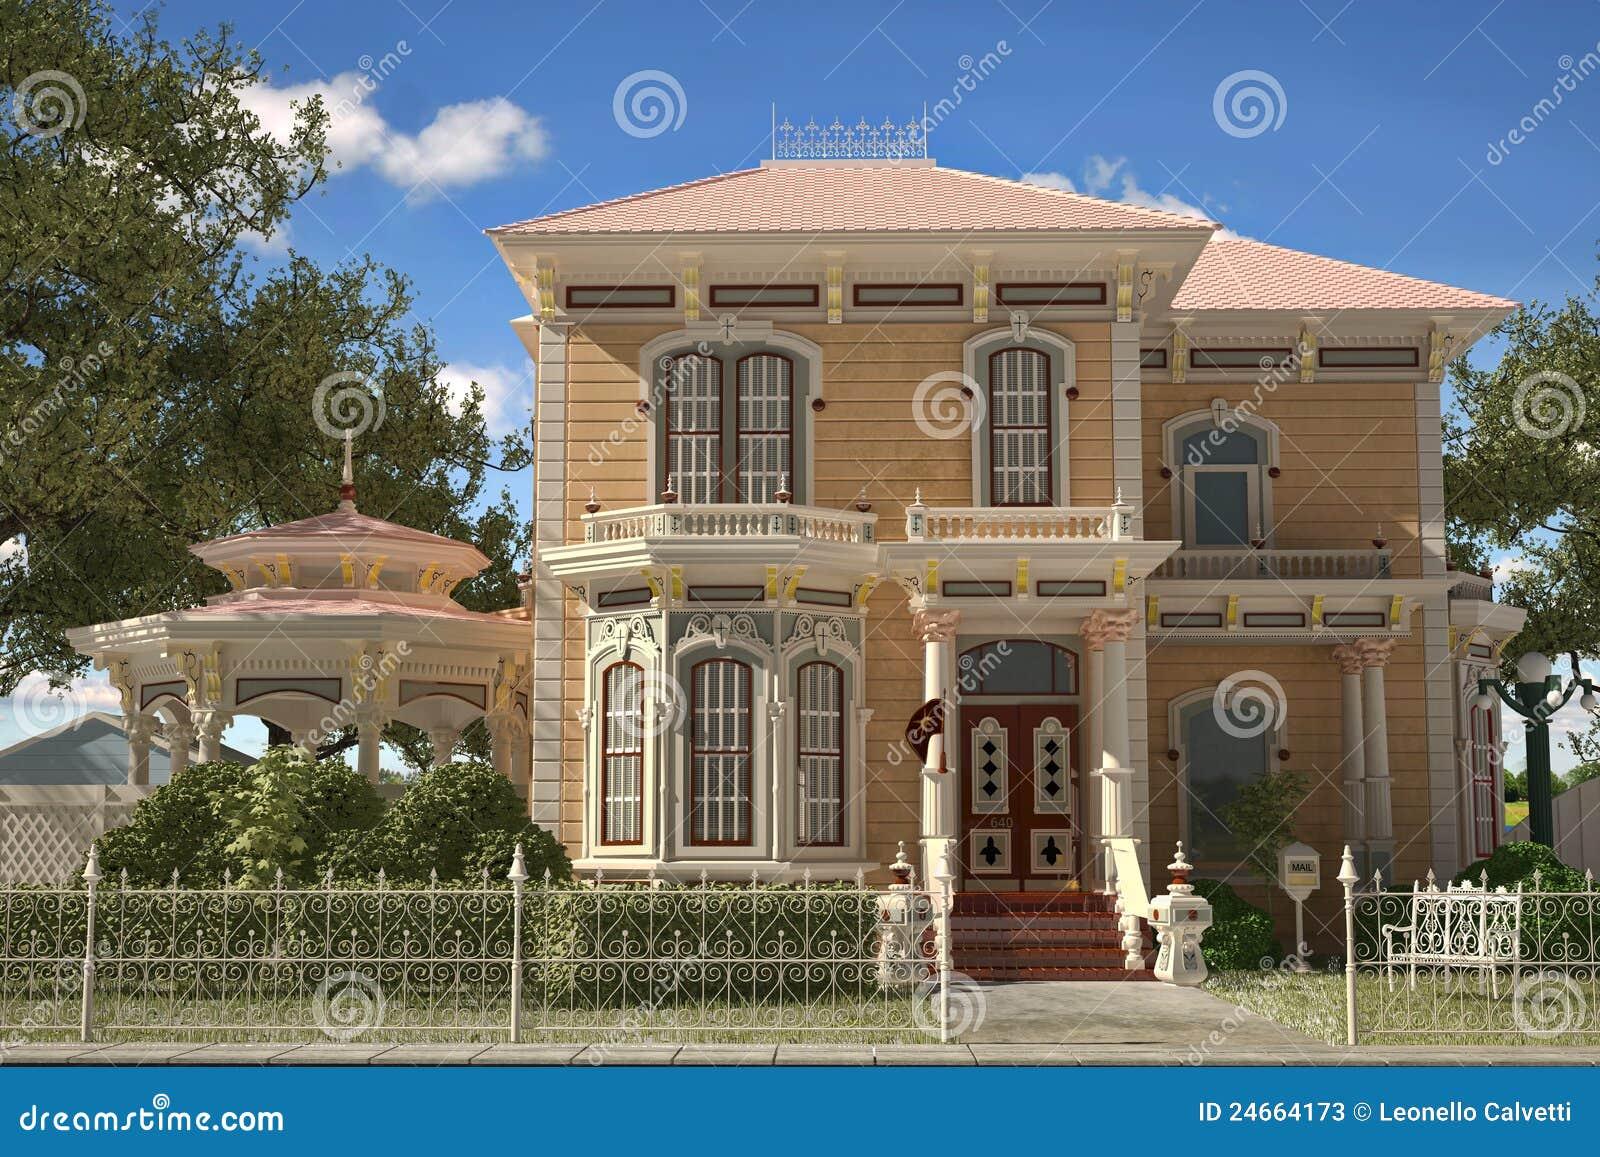 Esterno vittoriano di lusso della casa di stile - Casa stile vittoriano ...